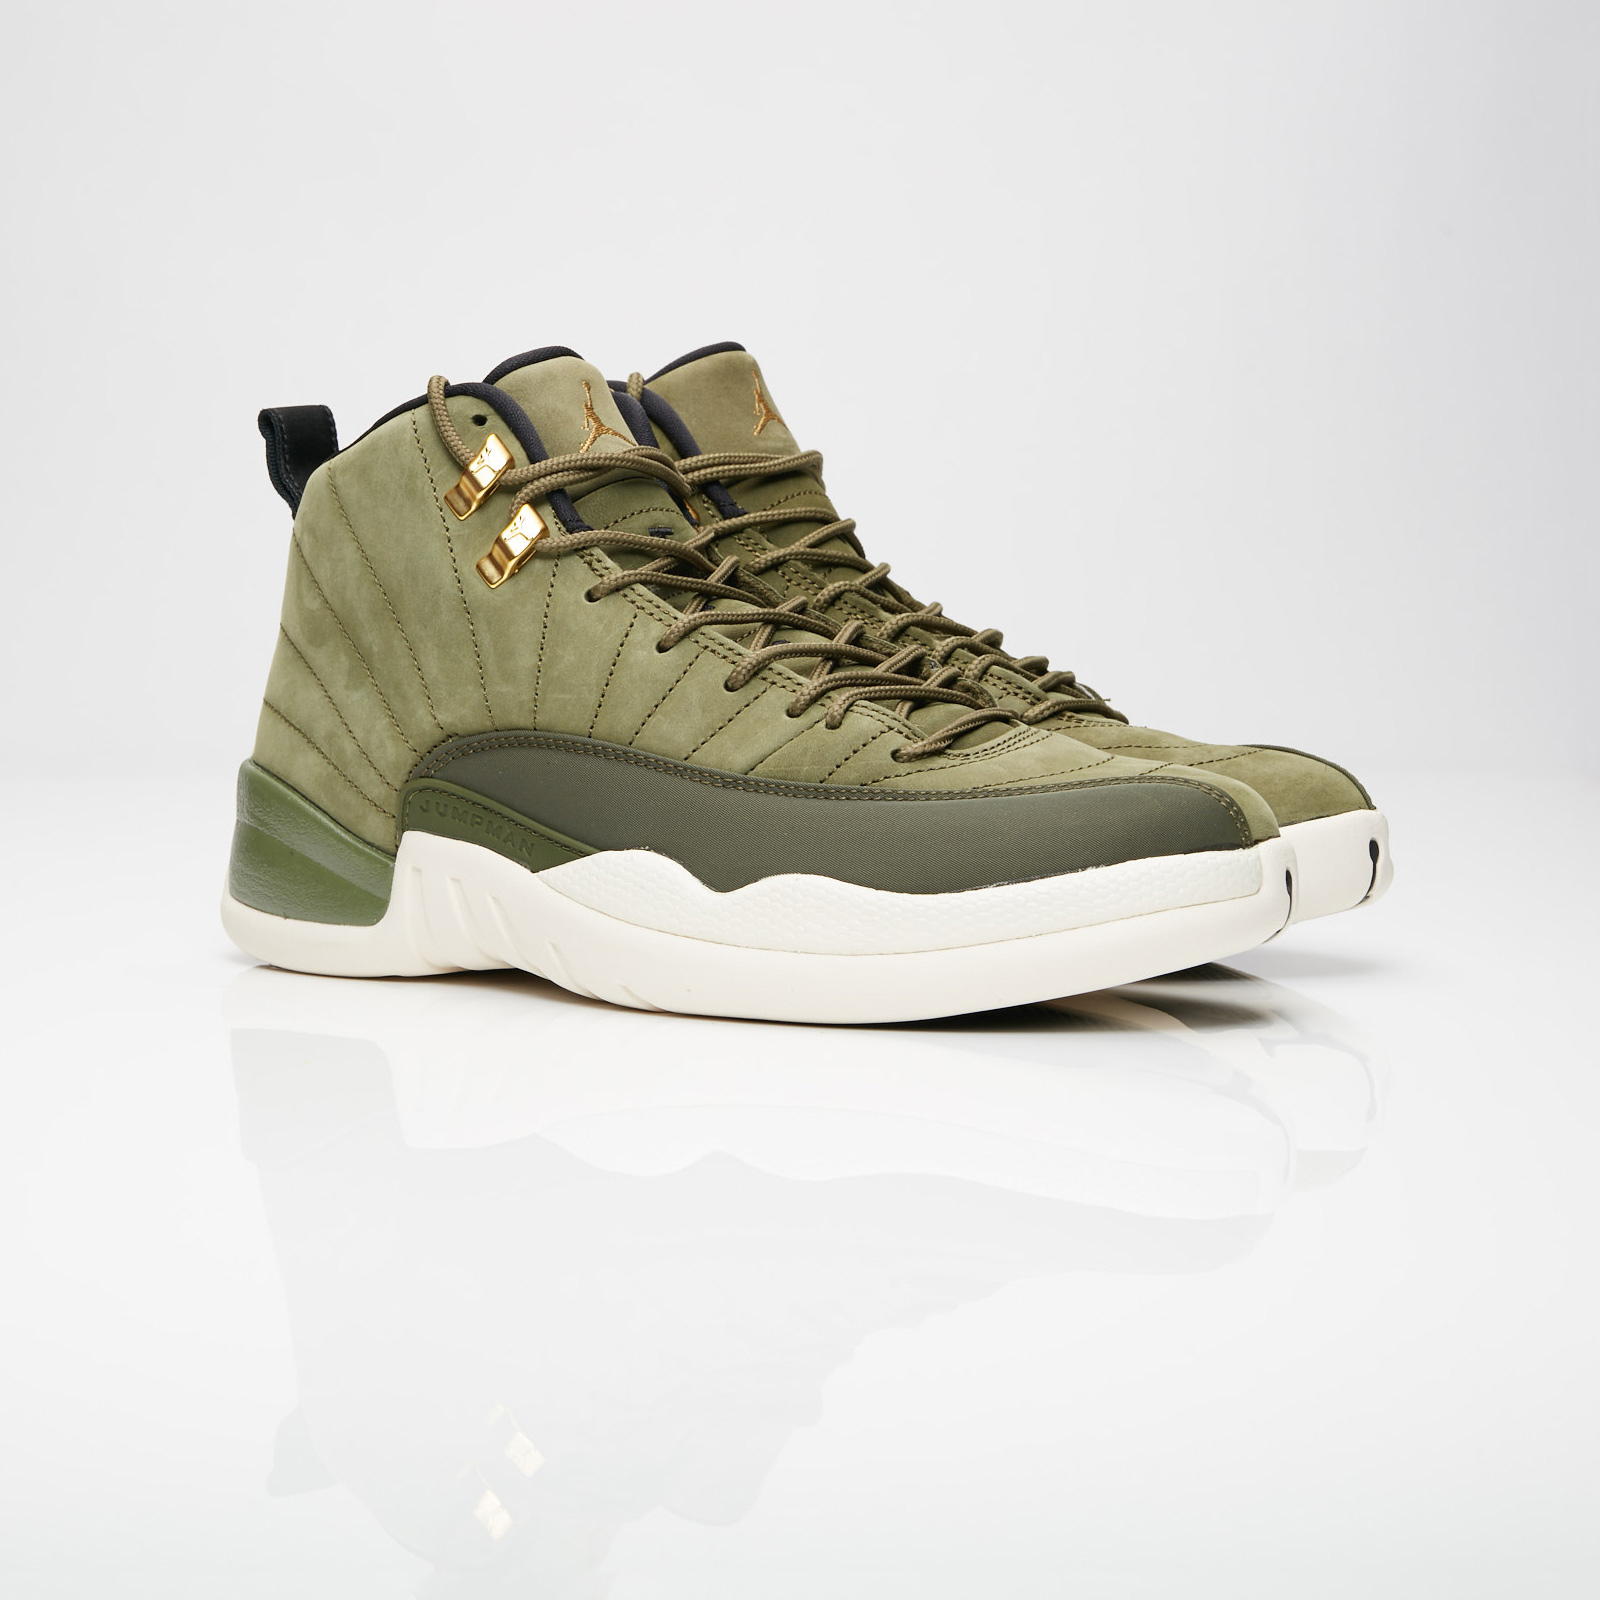 sale retailer 4b263 89b89 Jordan Brand Air Jordan 12 Retro - 130690-301 ...